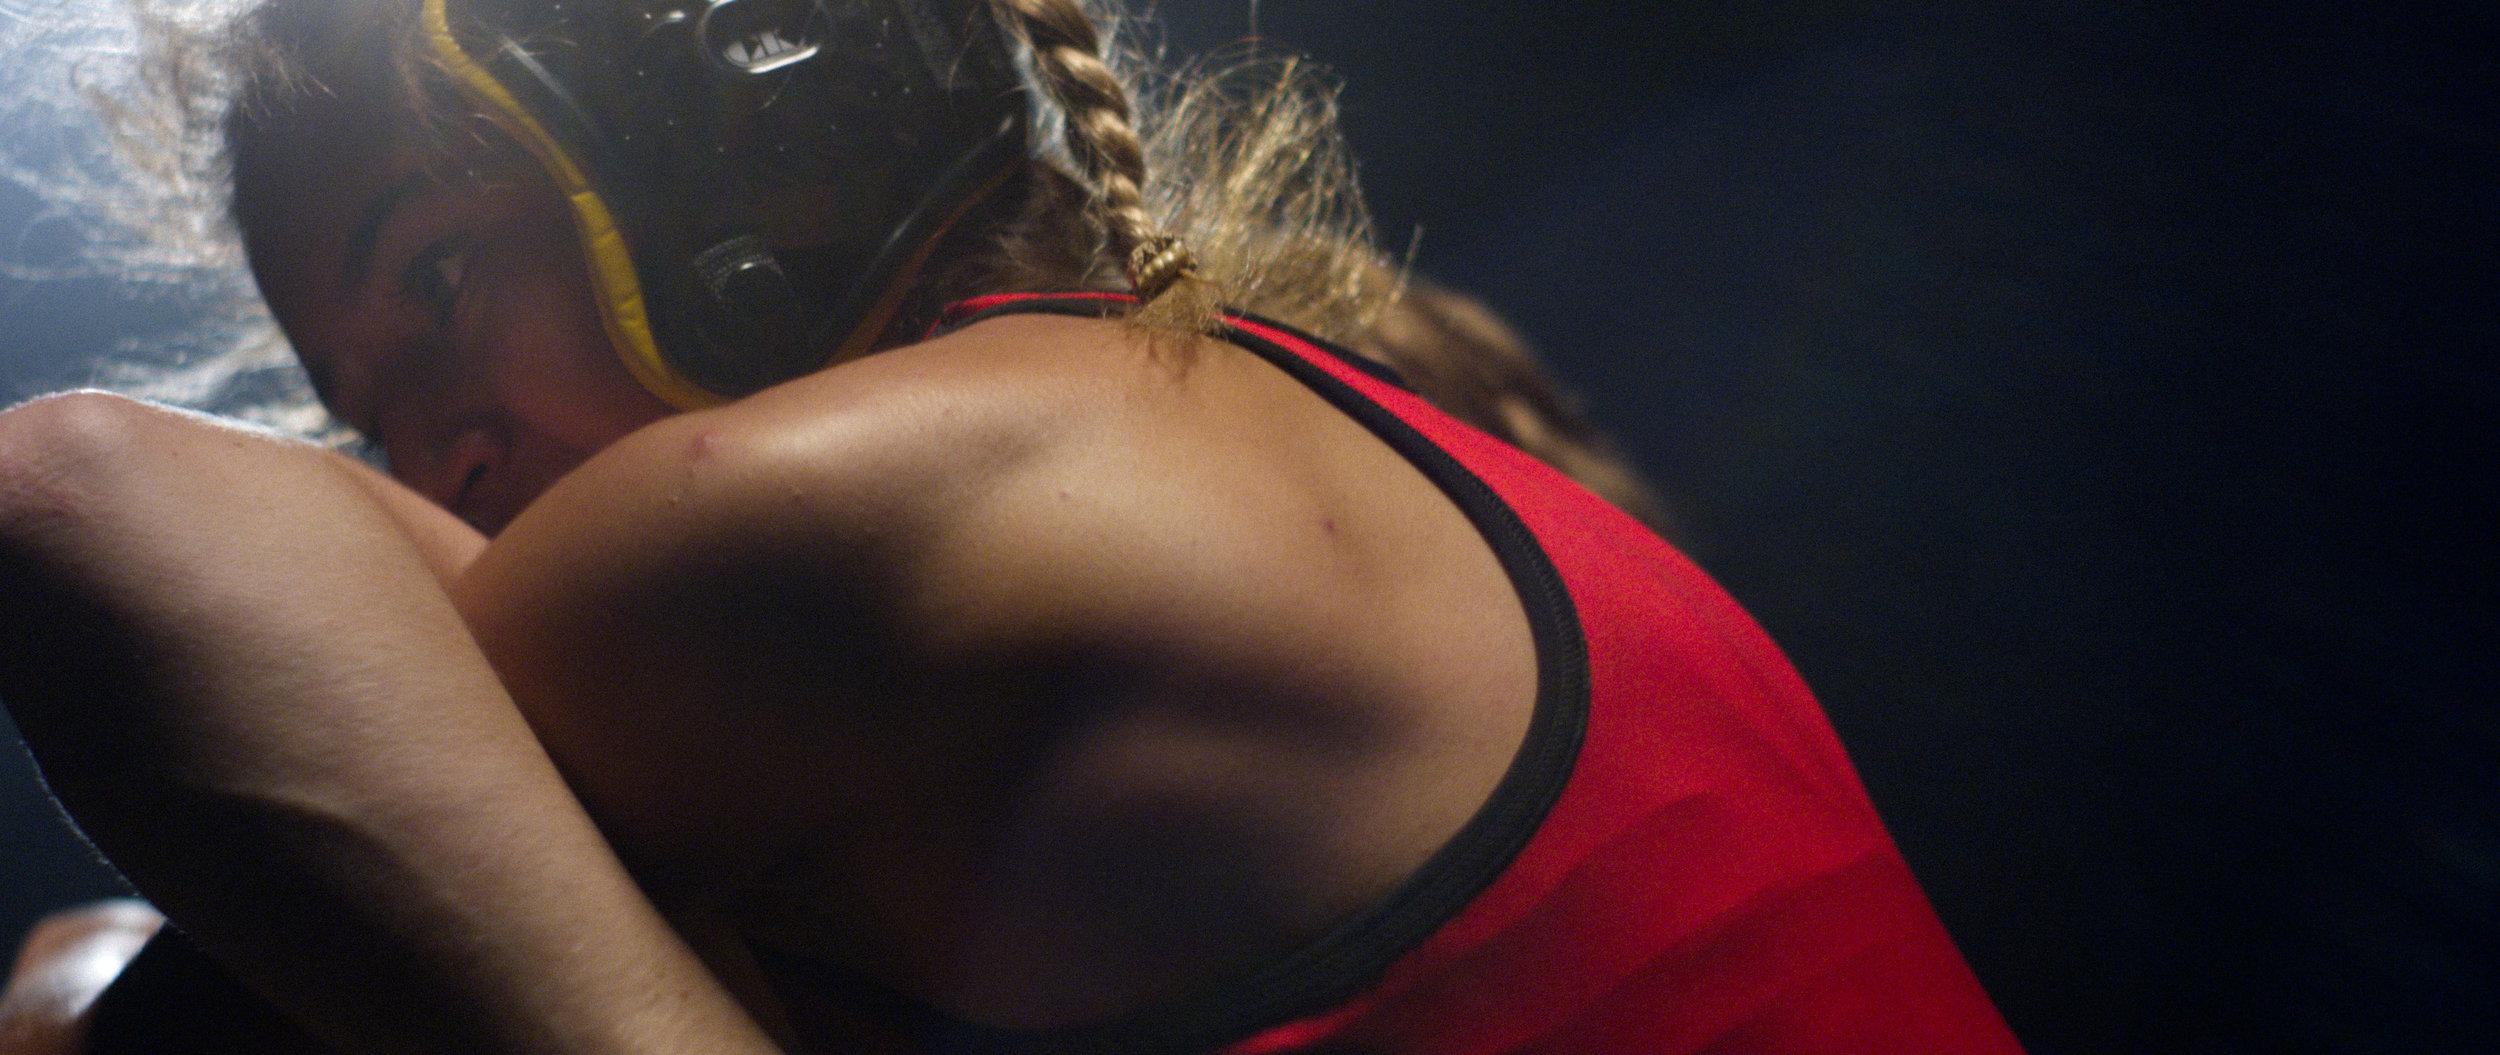 Wrestler-15.jpg